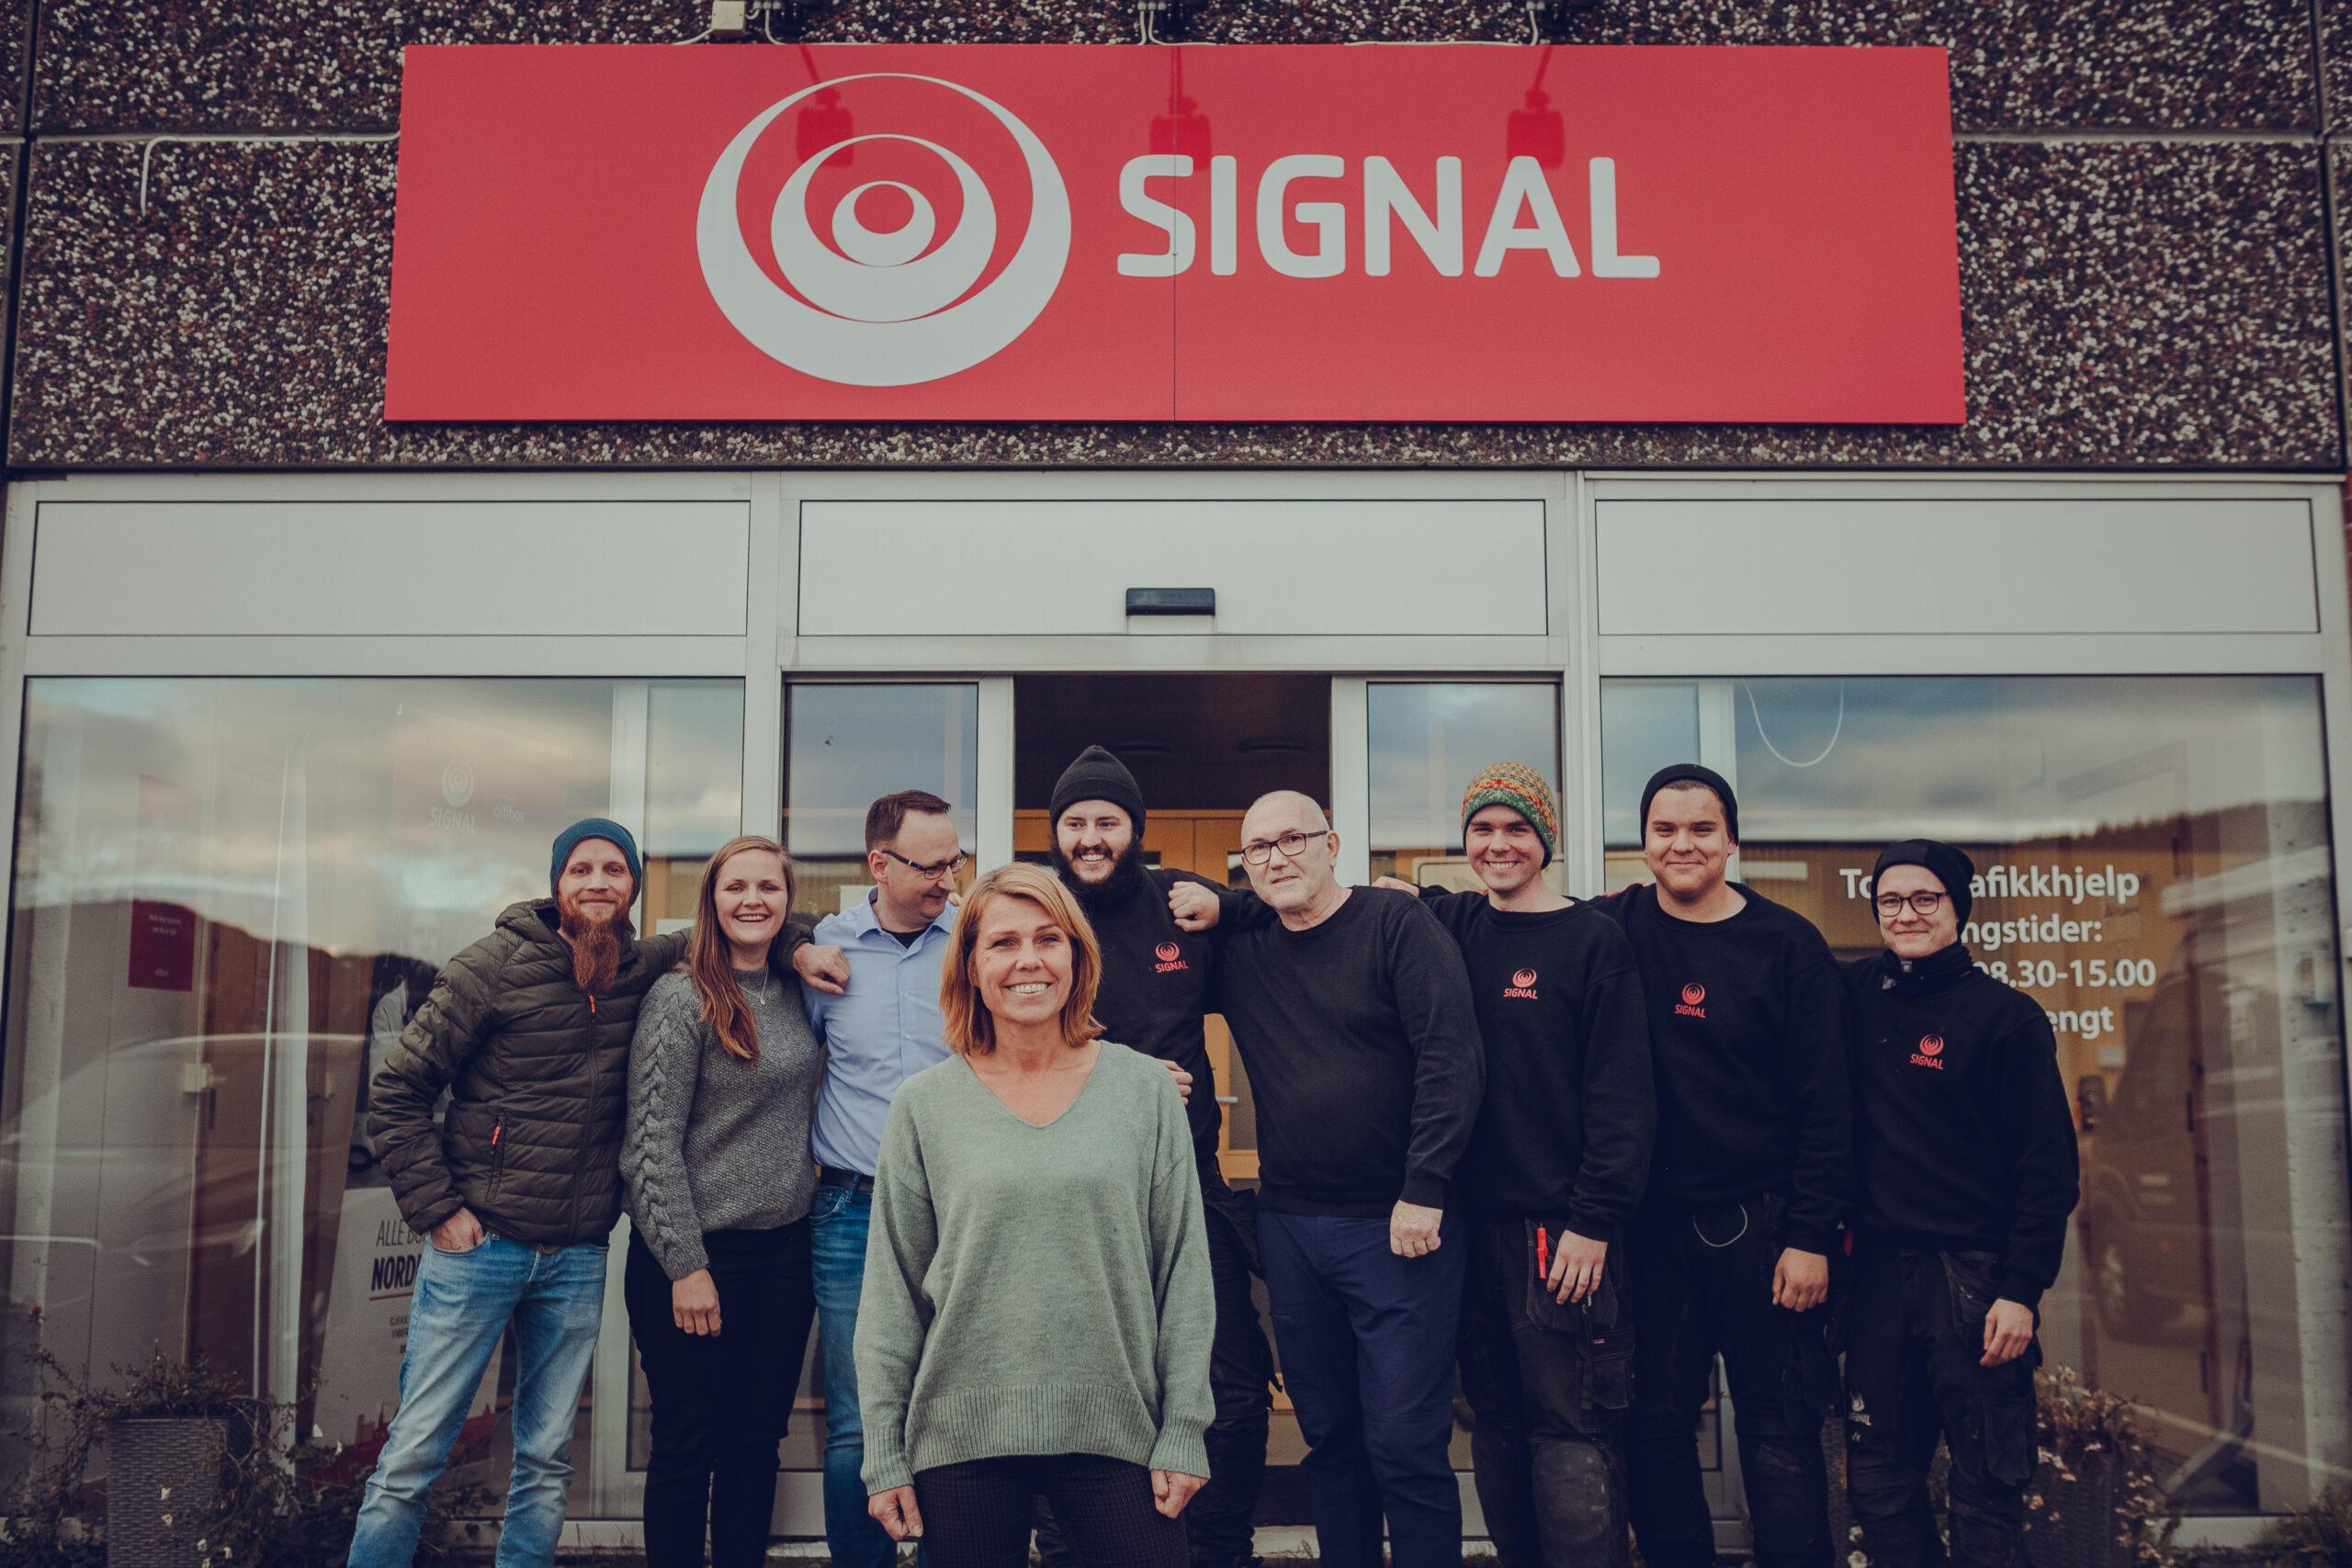 De ansatte i Signal Bredbånd avdeling Mosjøen står ved inngangspartiet under det røde Signal-skiltet.